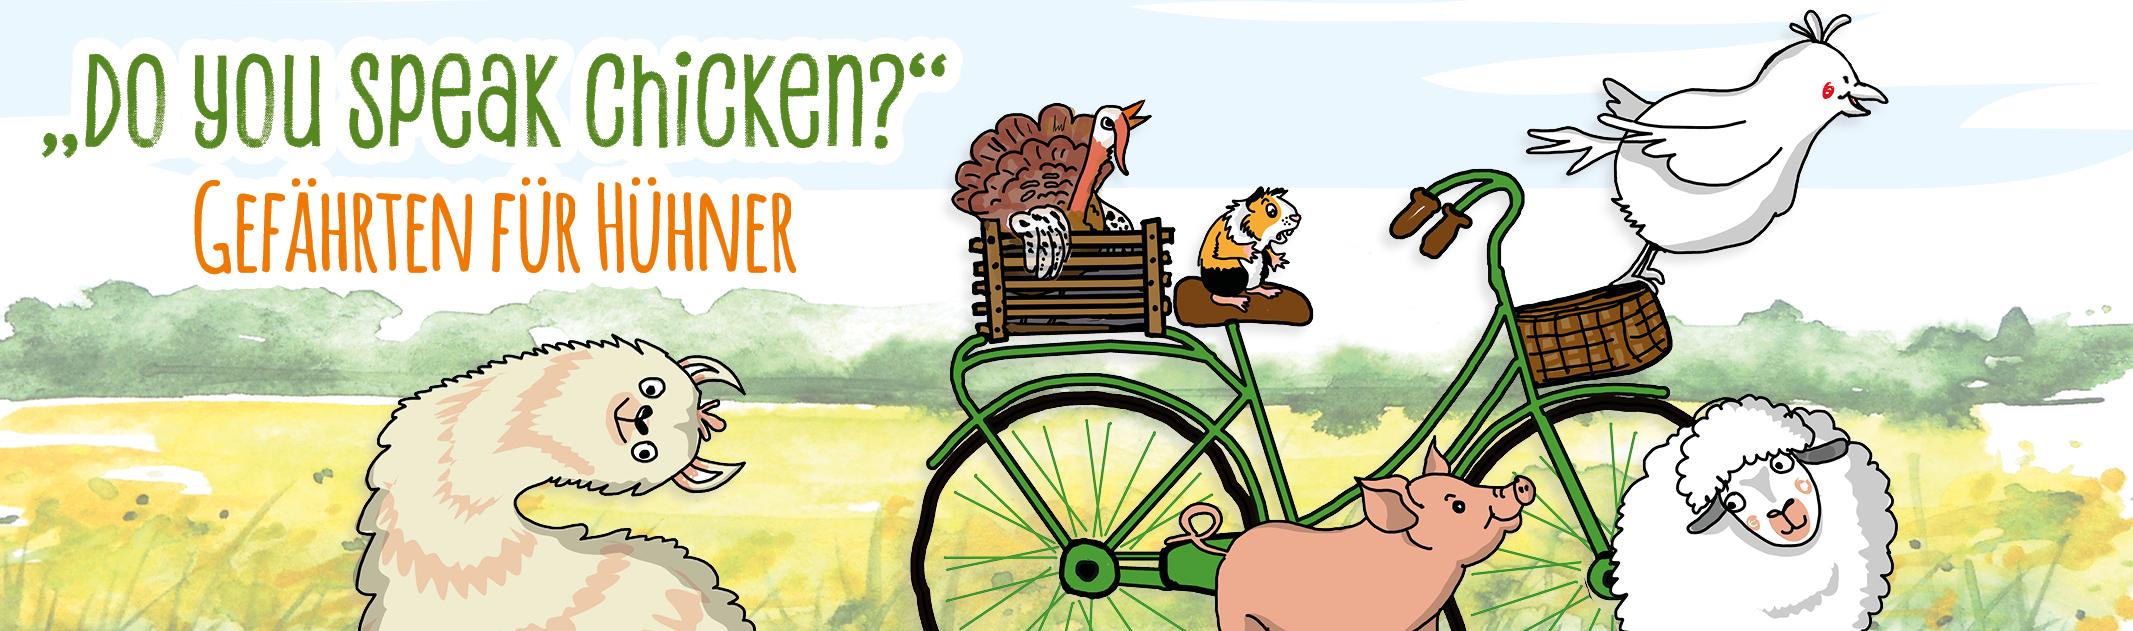 Do you speak chicken? – Gefährten für Hühner